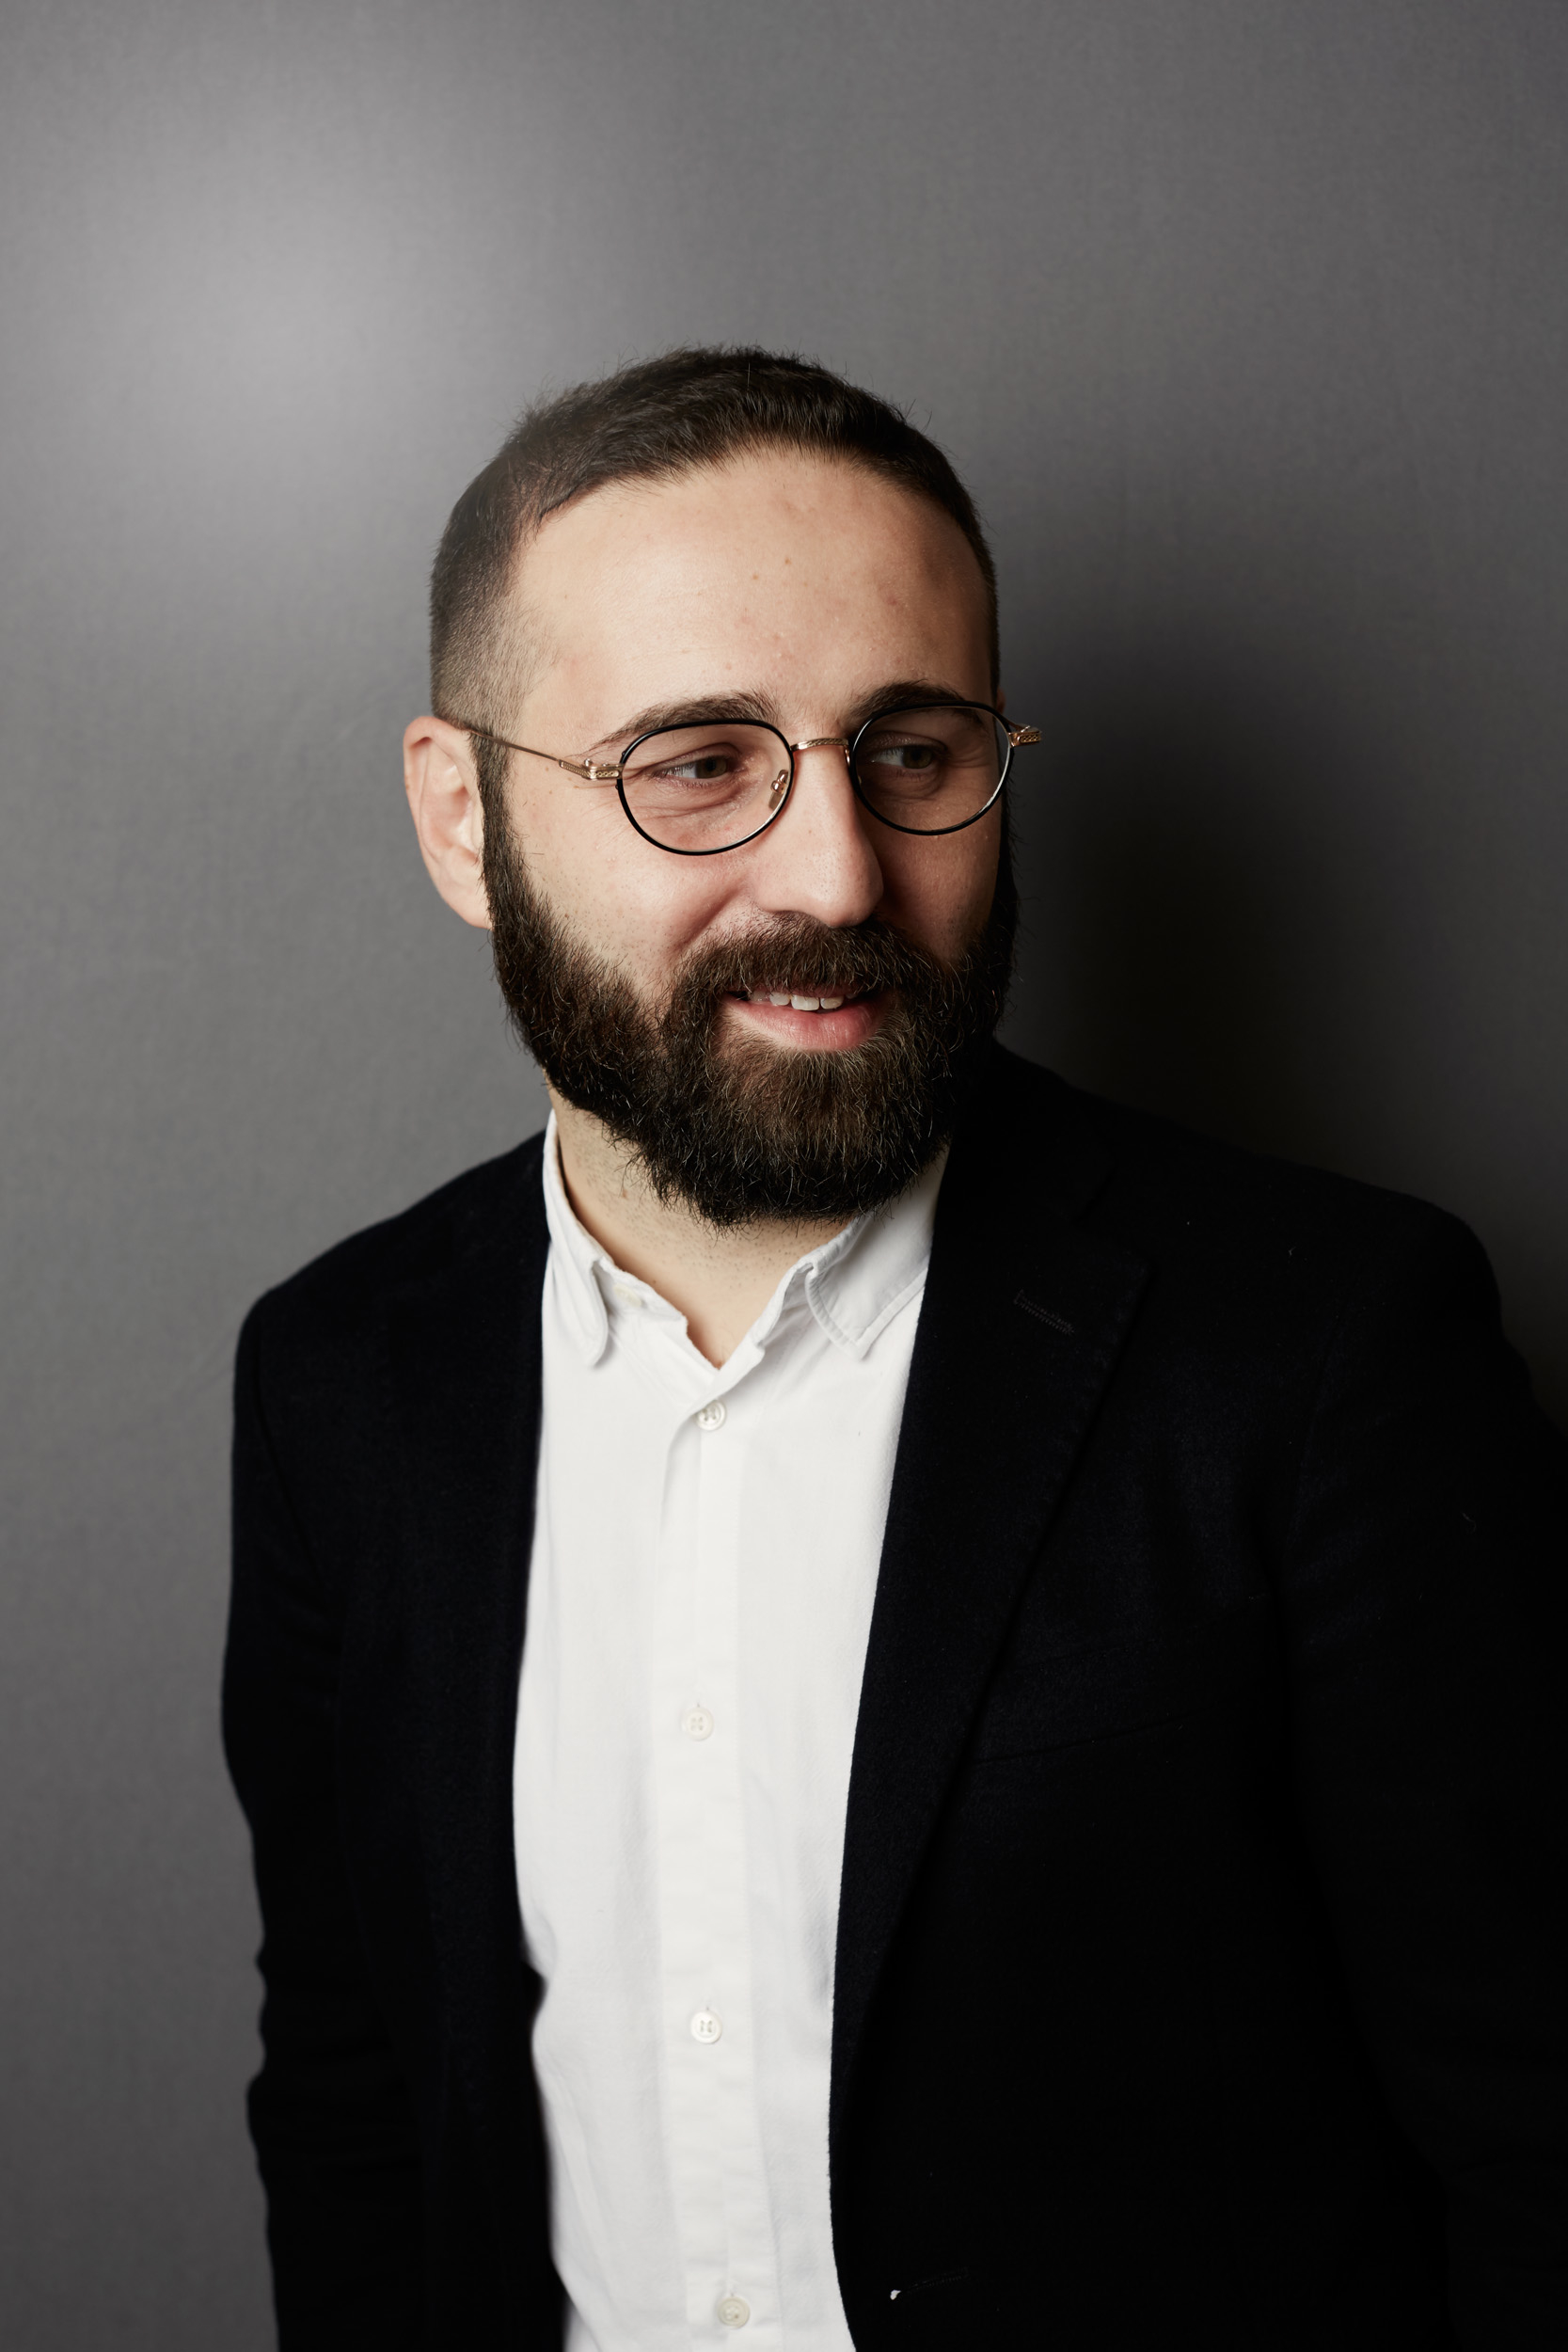 Vincenzo De Bellis (foto di Marco De Scalzi) è curatore. Si è formato tra l'Italia e New York. Dal 2013 è direttore artistico della fiera MiArt a Milano, città in cui vive. Con Bruna Roccasalva ha fondato lo spazio di ricerca Peep-Hole.